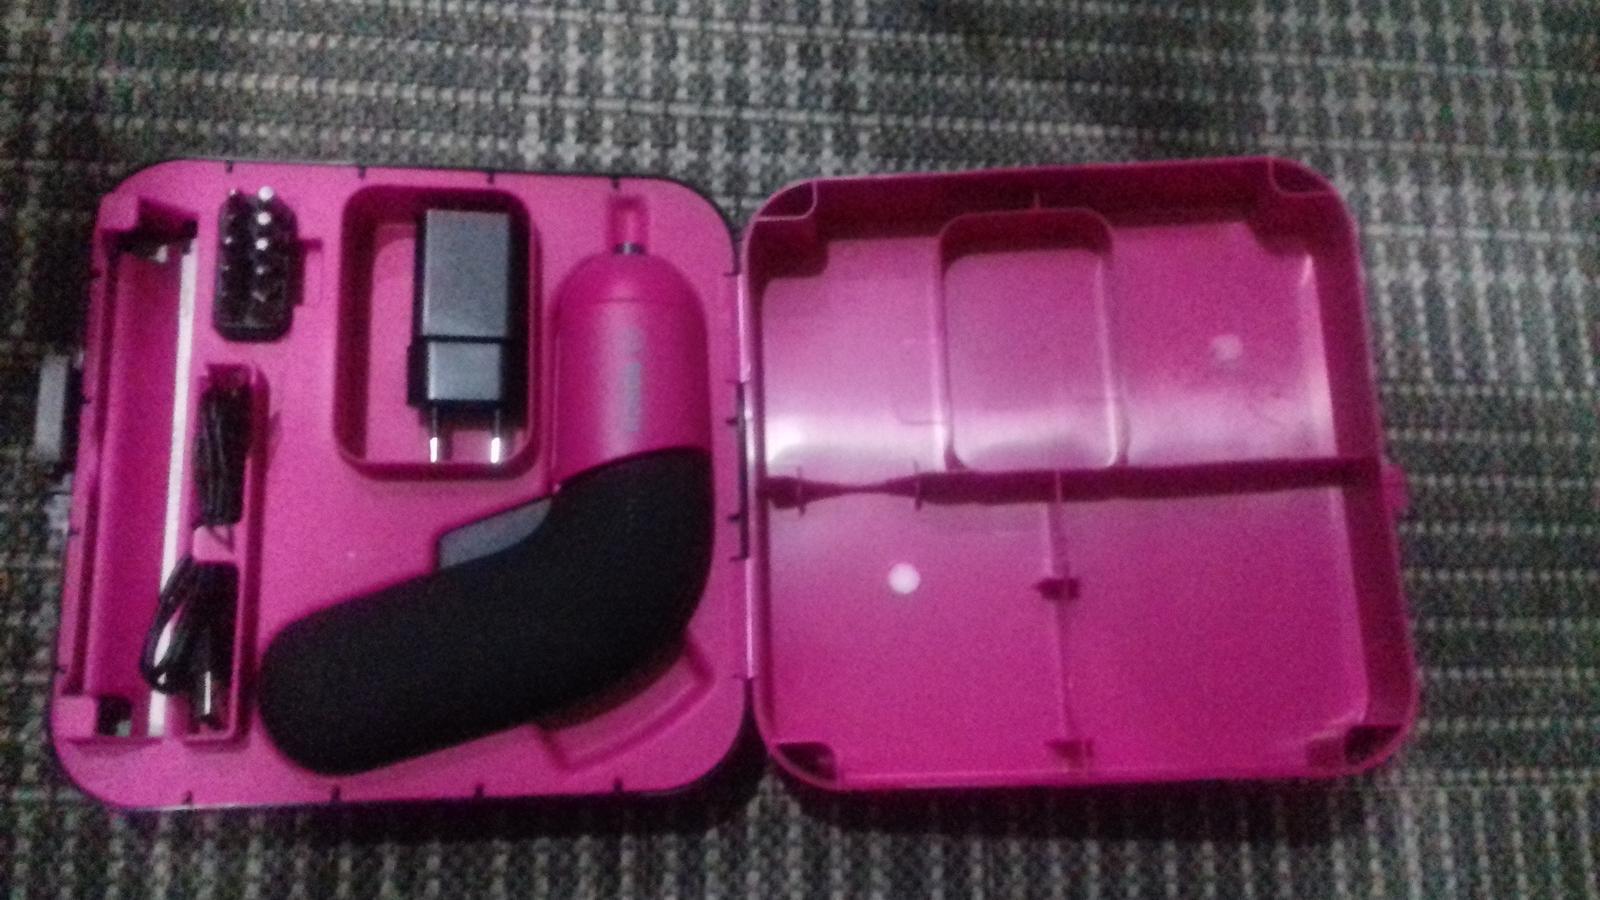 Ixo box BOSCH -aku skrutkovac s nabijackou - Obrázok č. 1